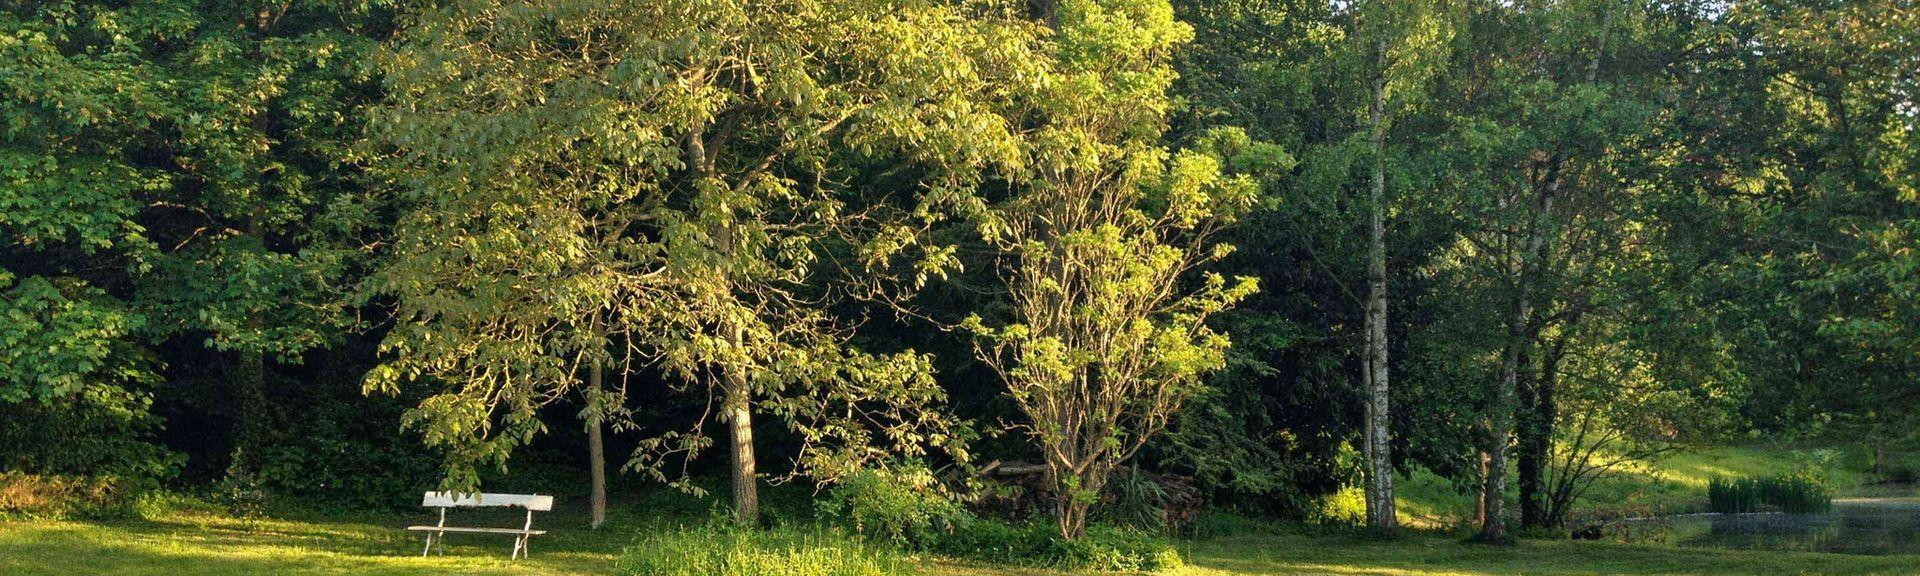 Maison Les Clayes Sous Bois vrbo | les clayes-sous-bois, fr vacation rentals: house